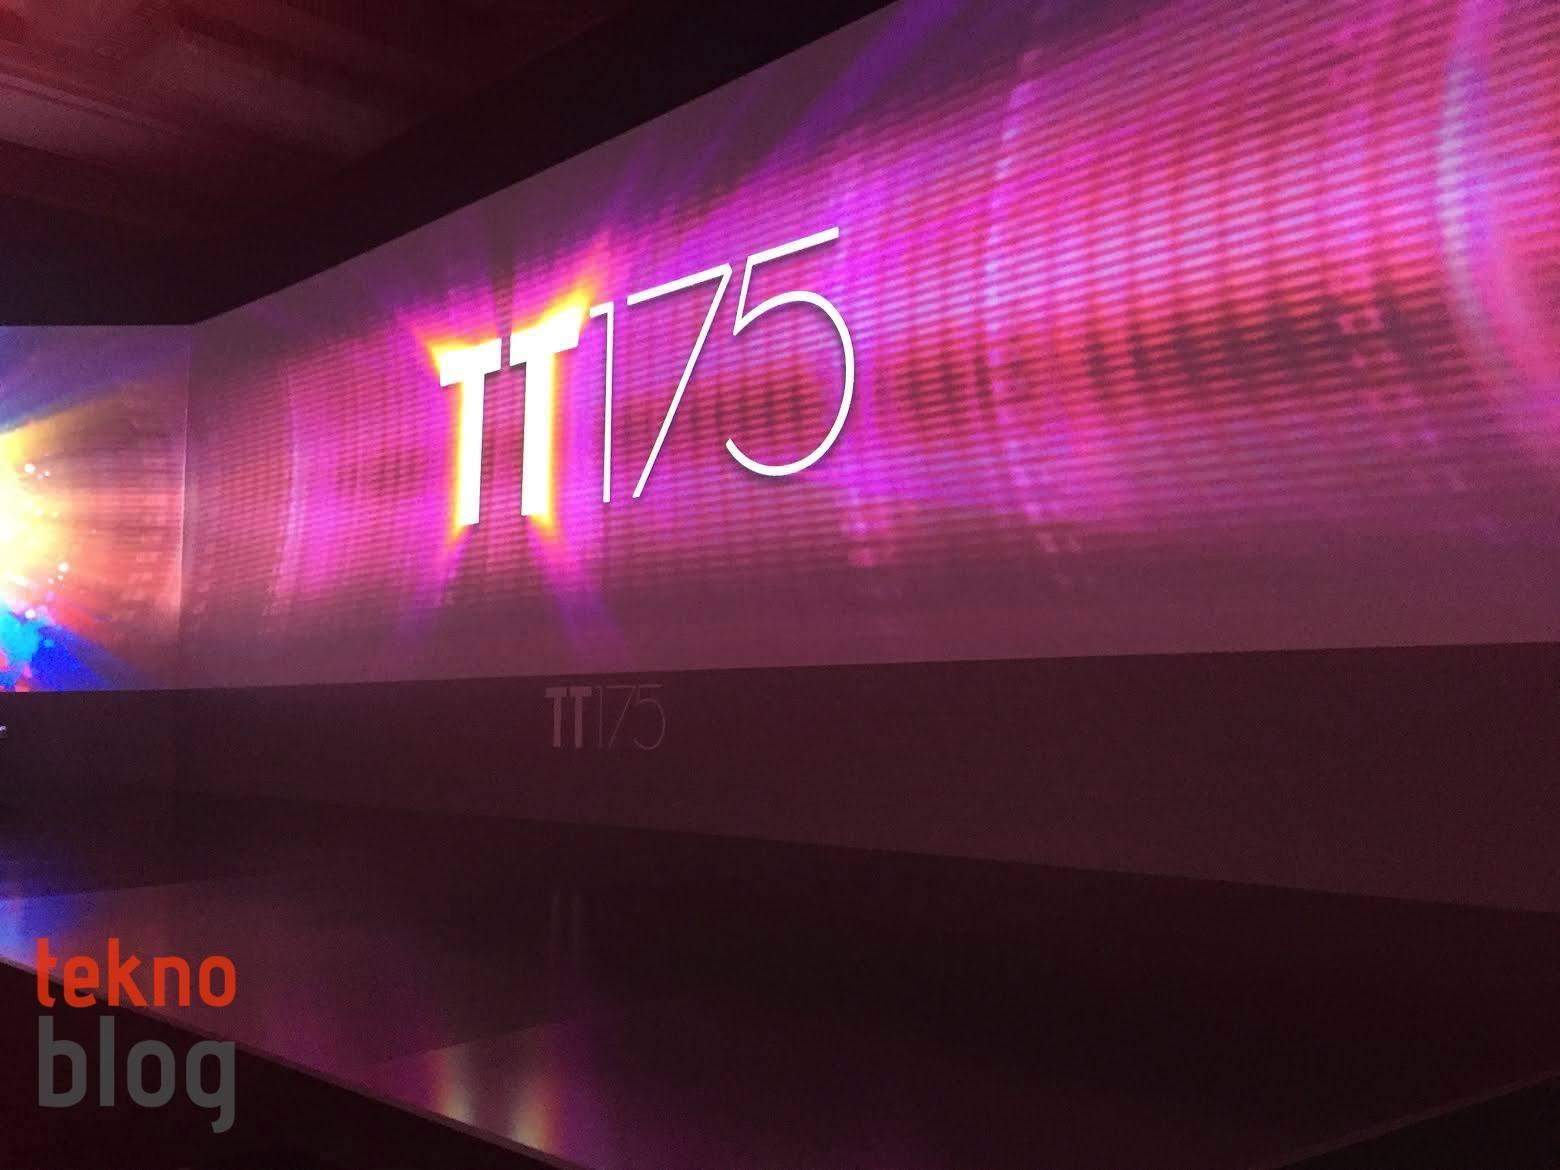 tt175-logo-301115